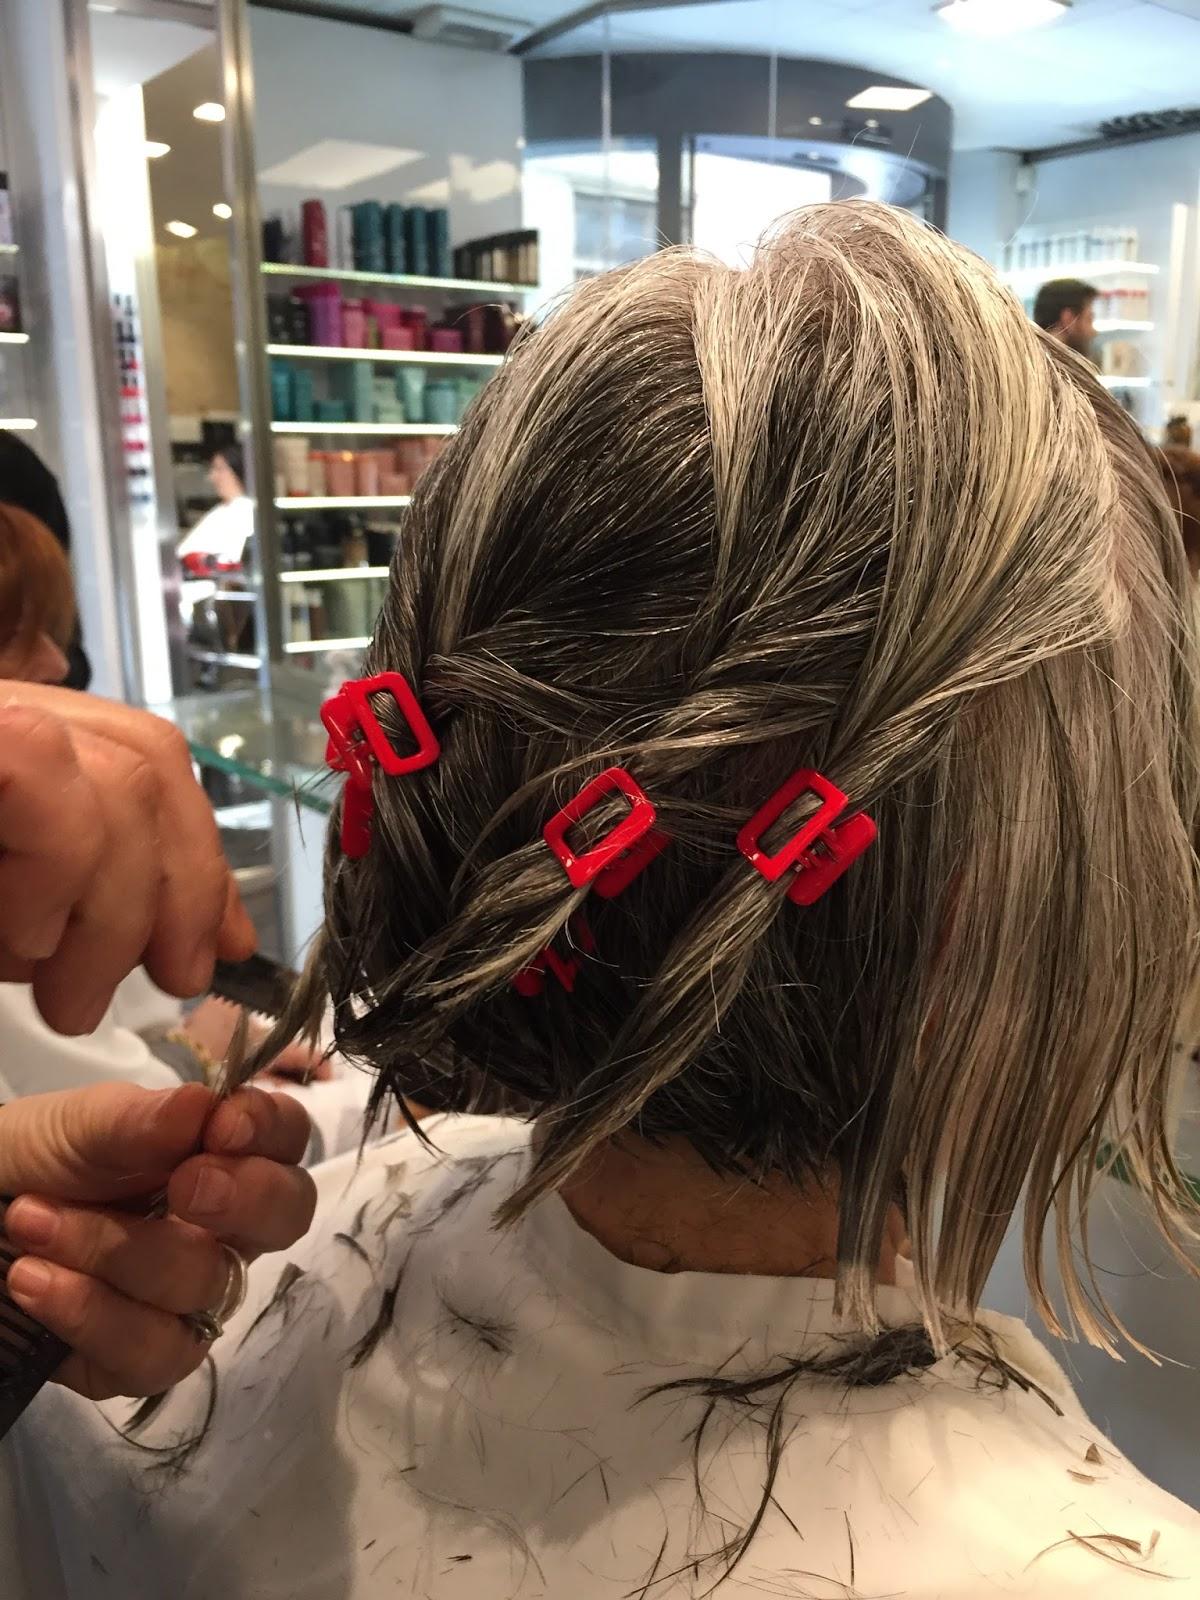 Taglio capelli aldo coppola 2017